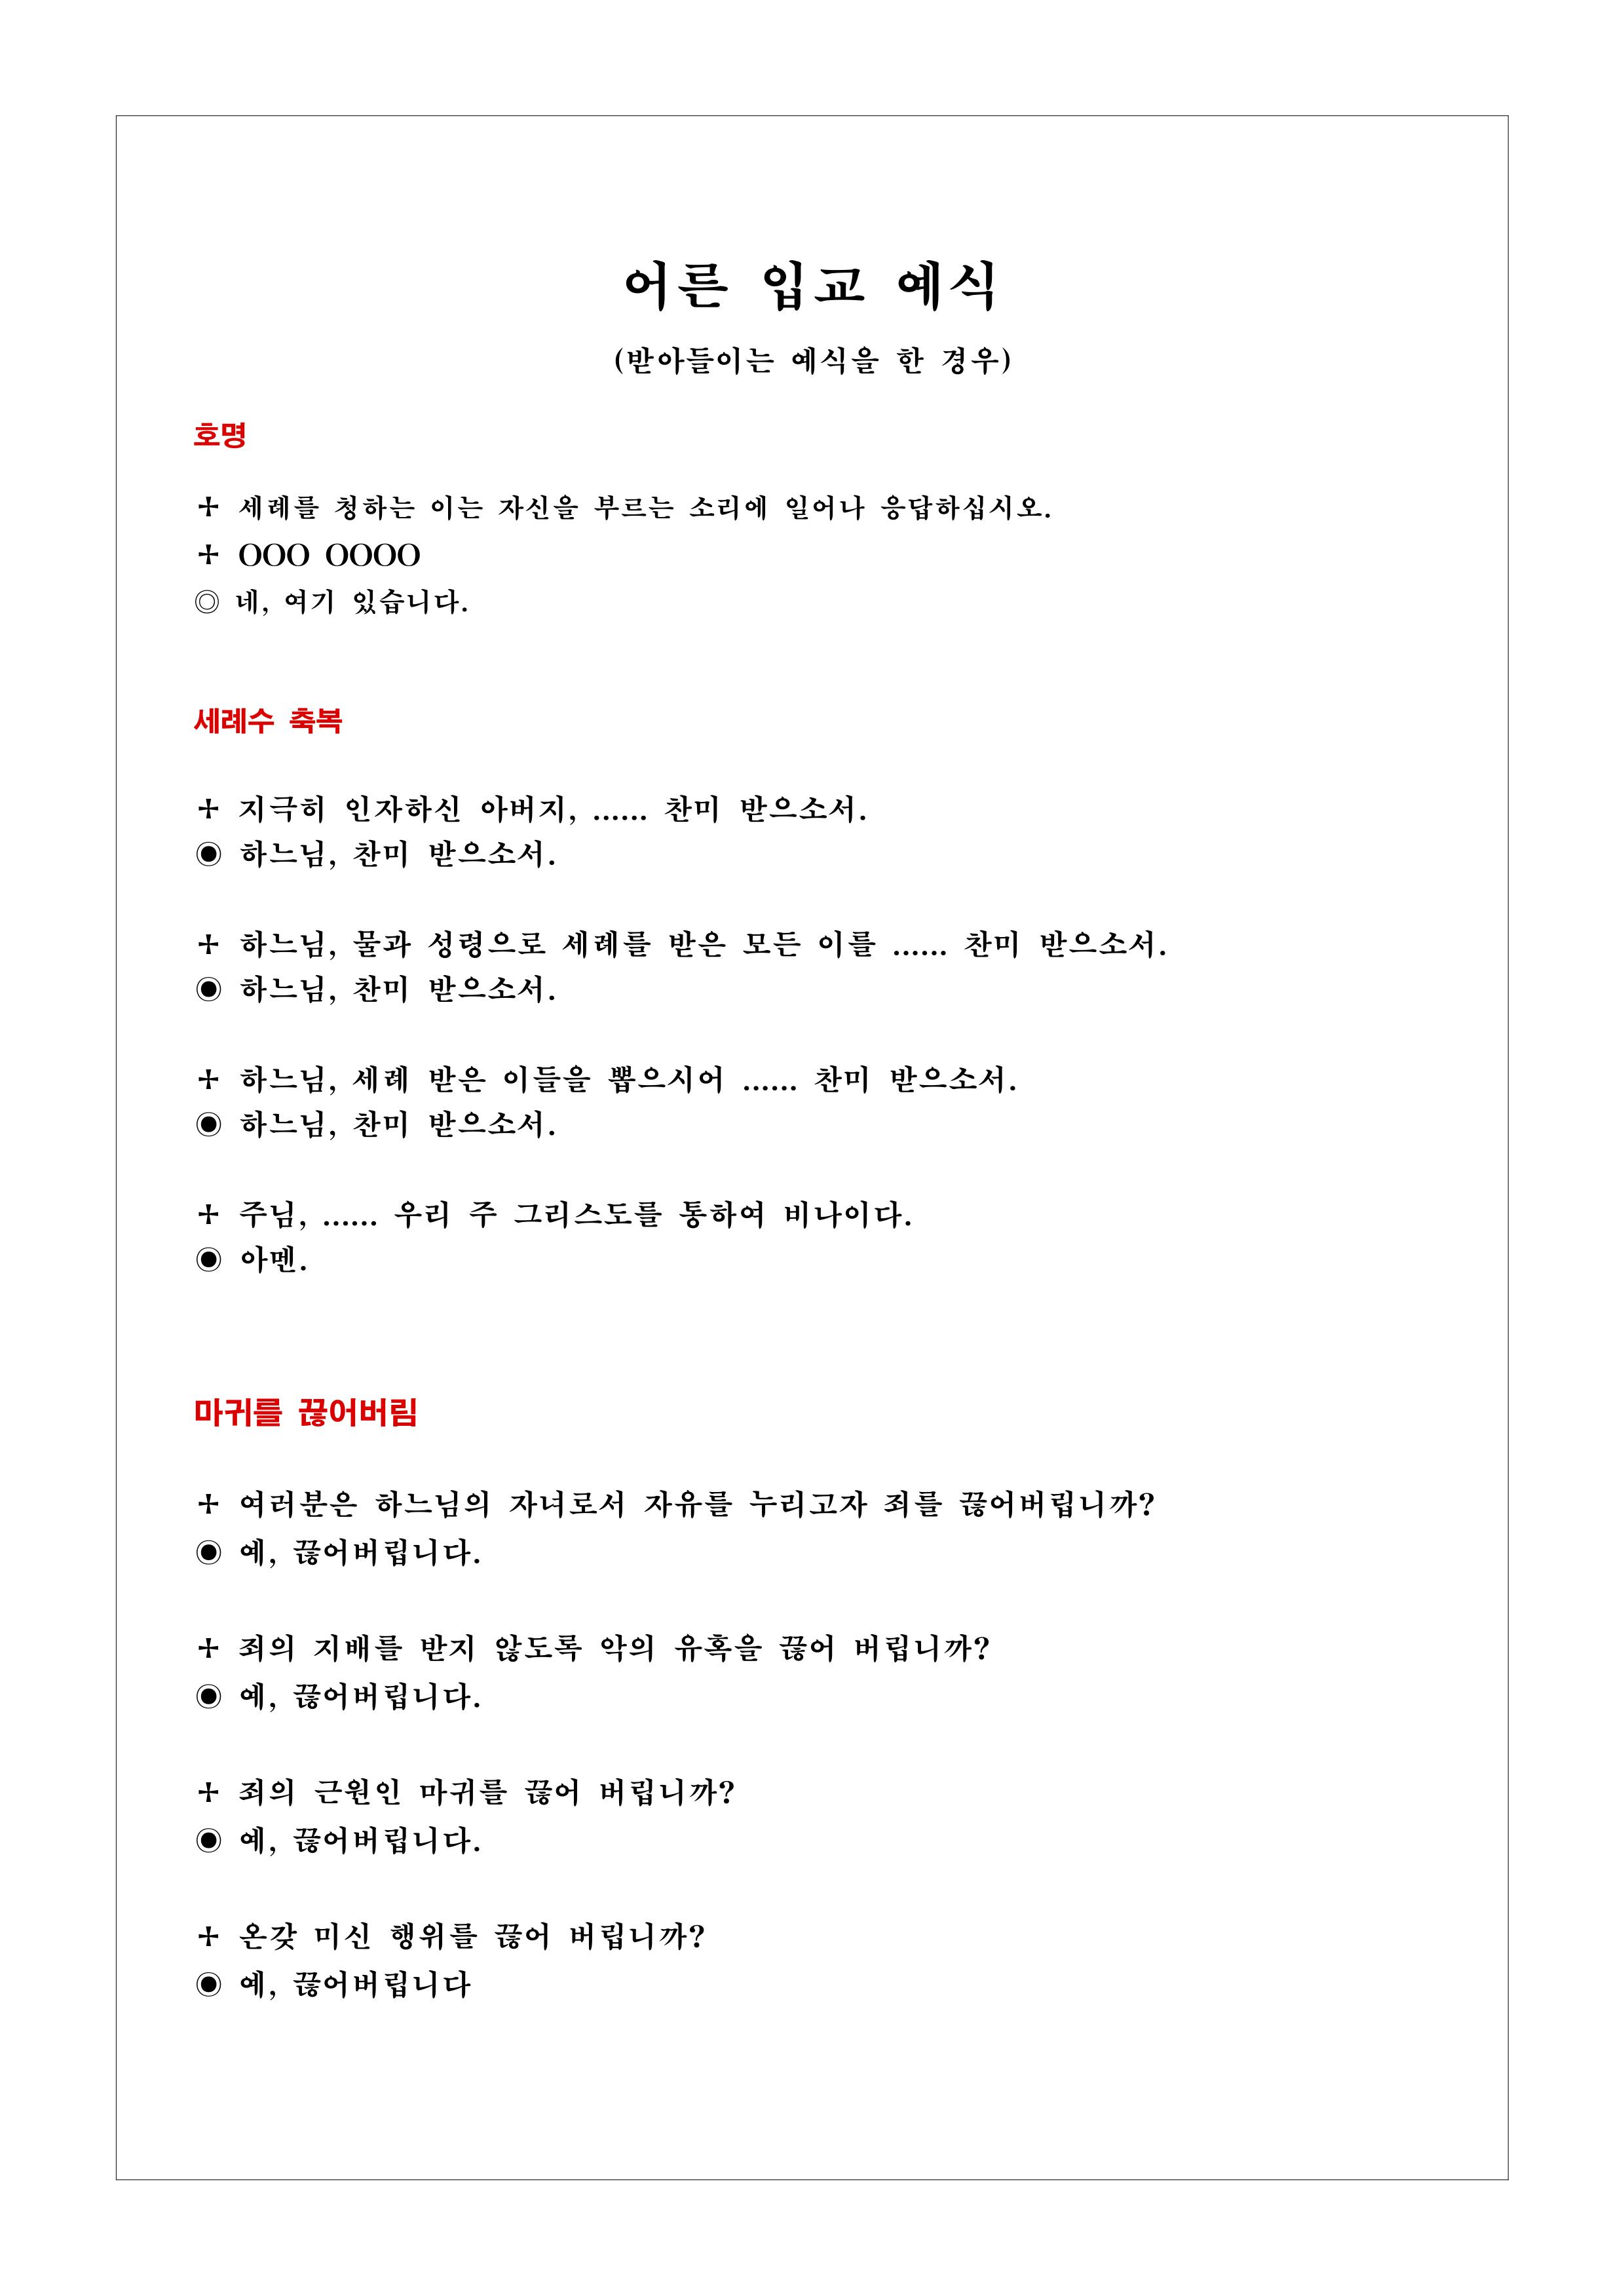 어른 입교 예식(괴정성당용-예비신자용).jpg